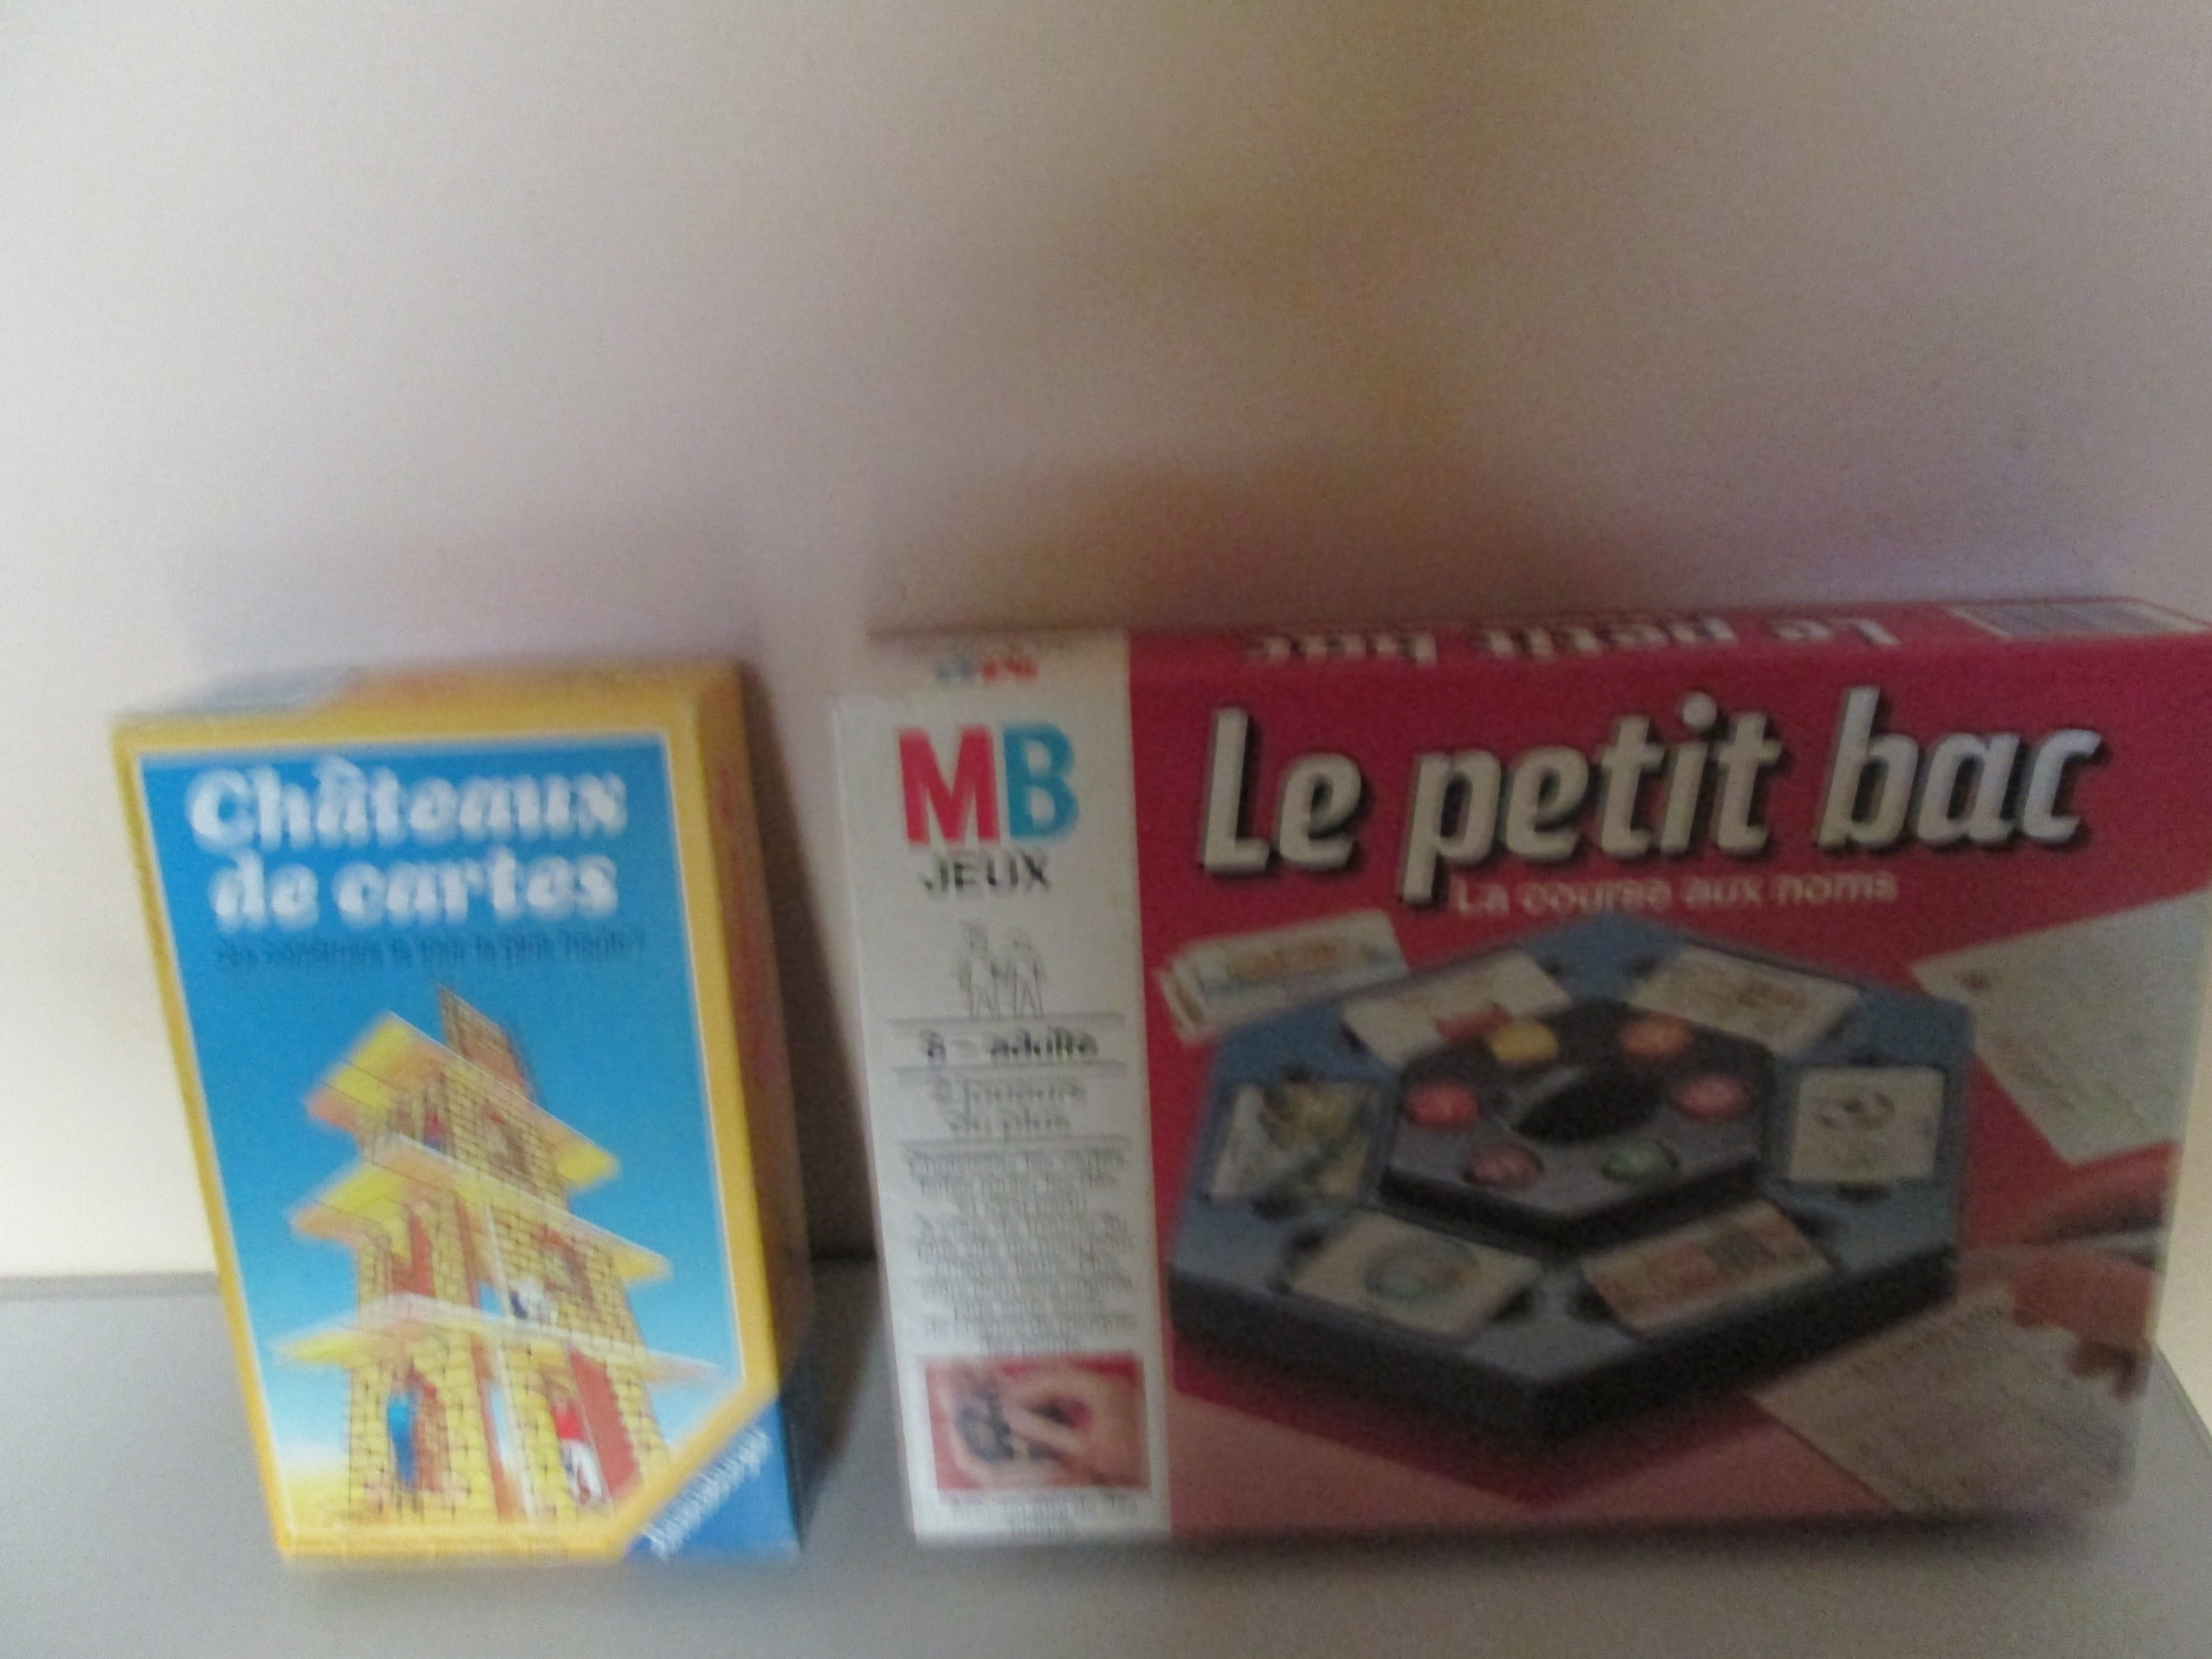 JEUX  CHATEAU DE CARTES   et    LE PETIT BAC 3 Marseille 9 (13)